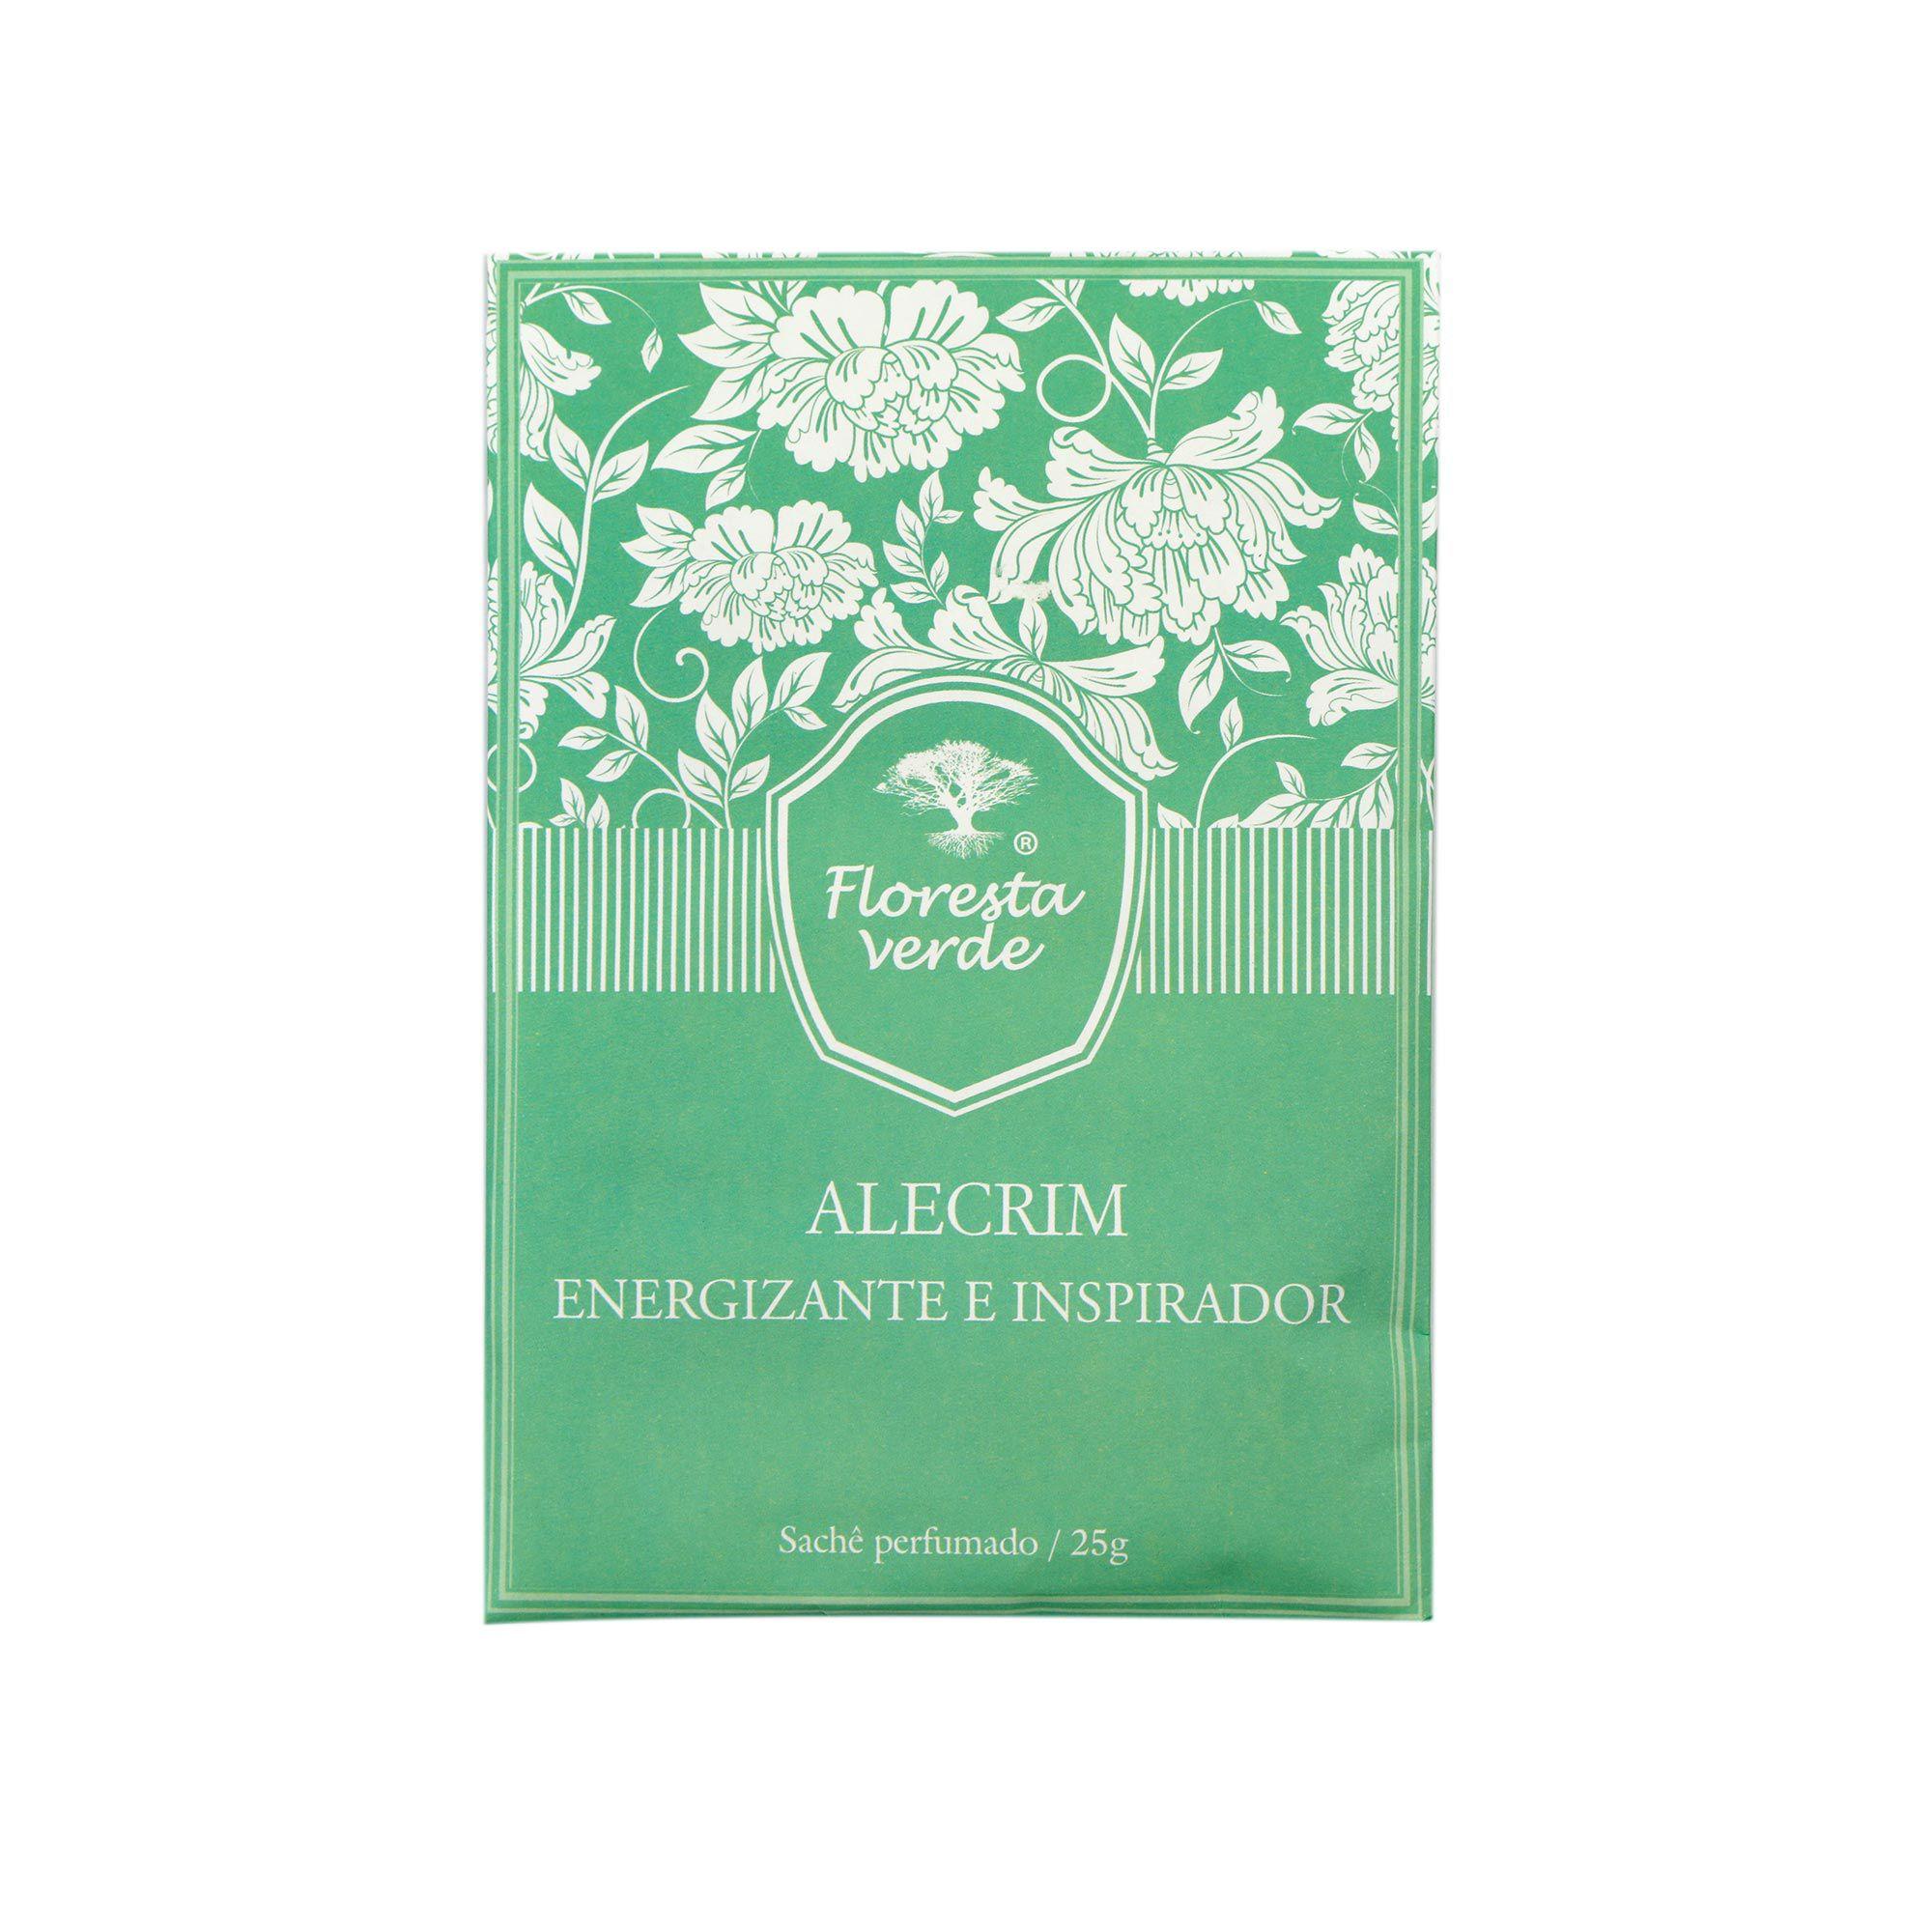 Sachê perfumado Alecrim  25 g